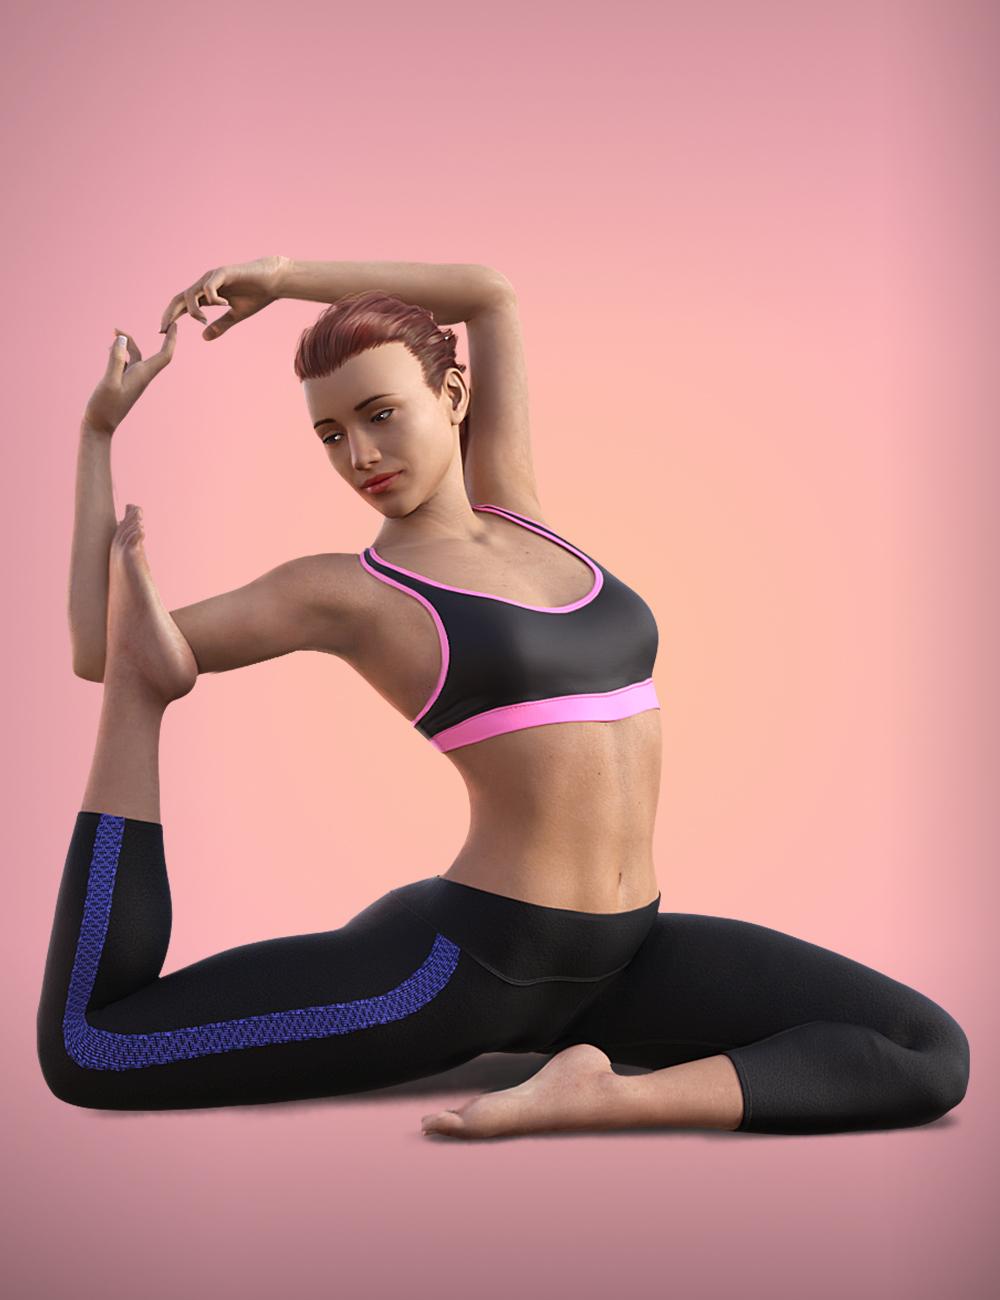 Yoga Animations for Genesis 8 by: ThreeDigital, 3D Models by Daz 3D